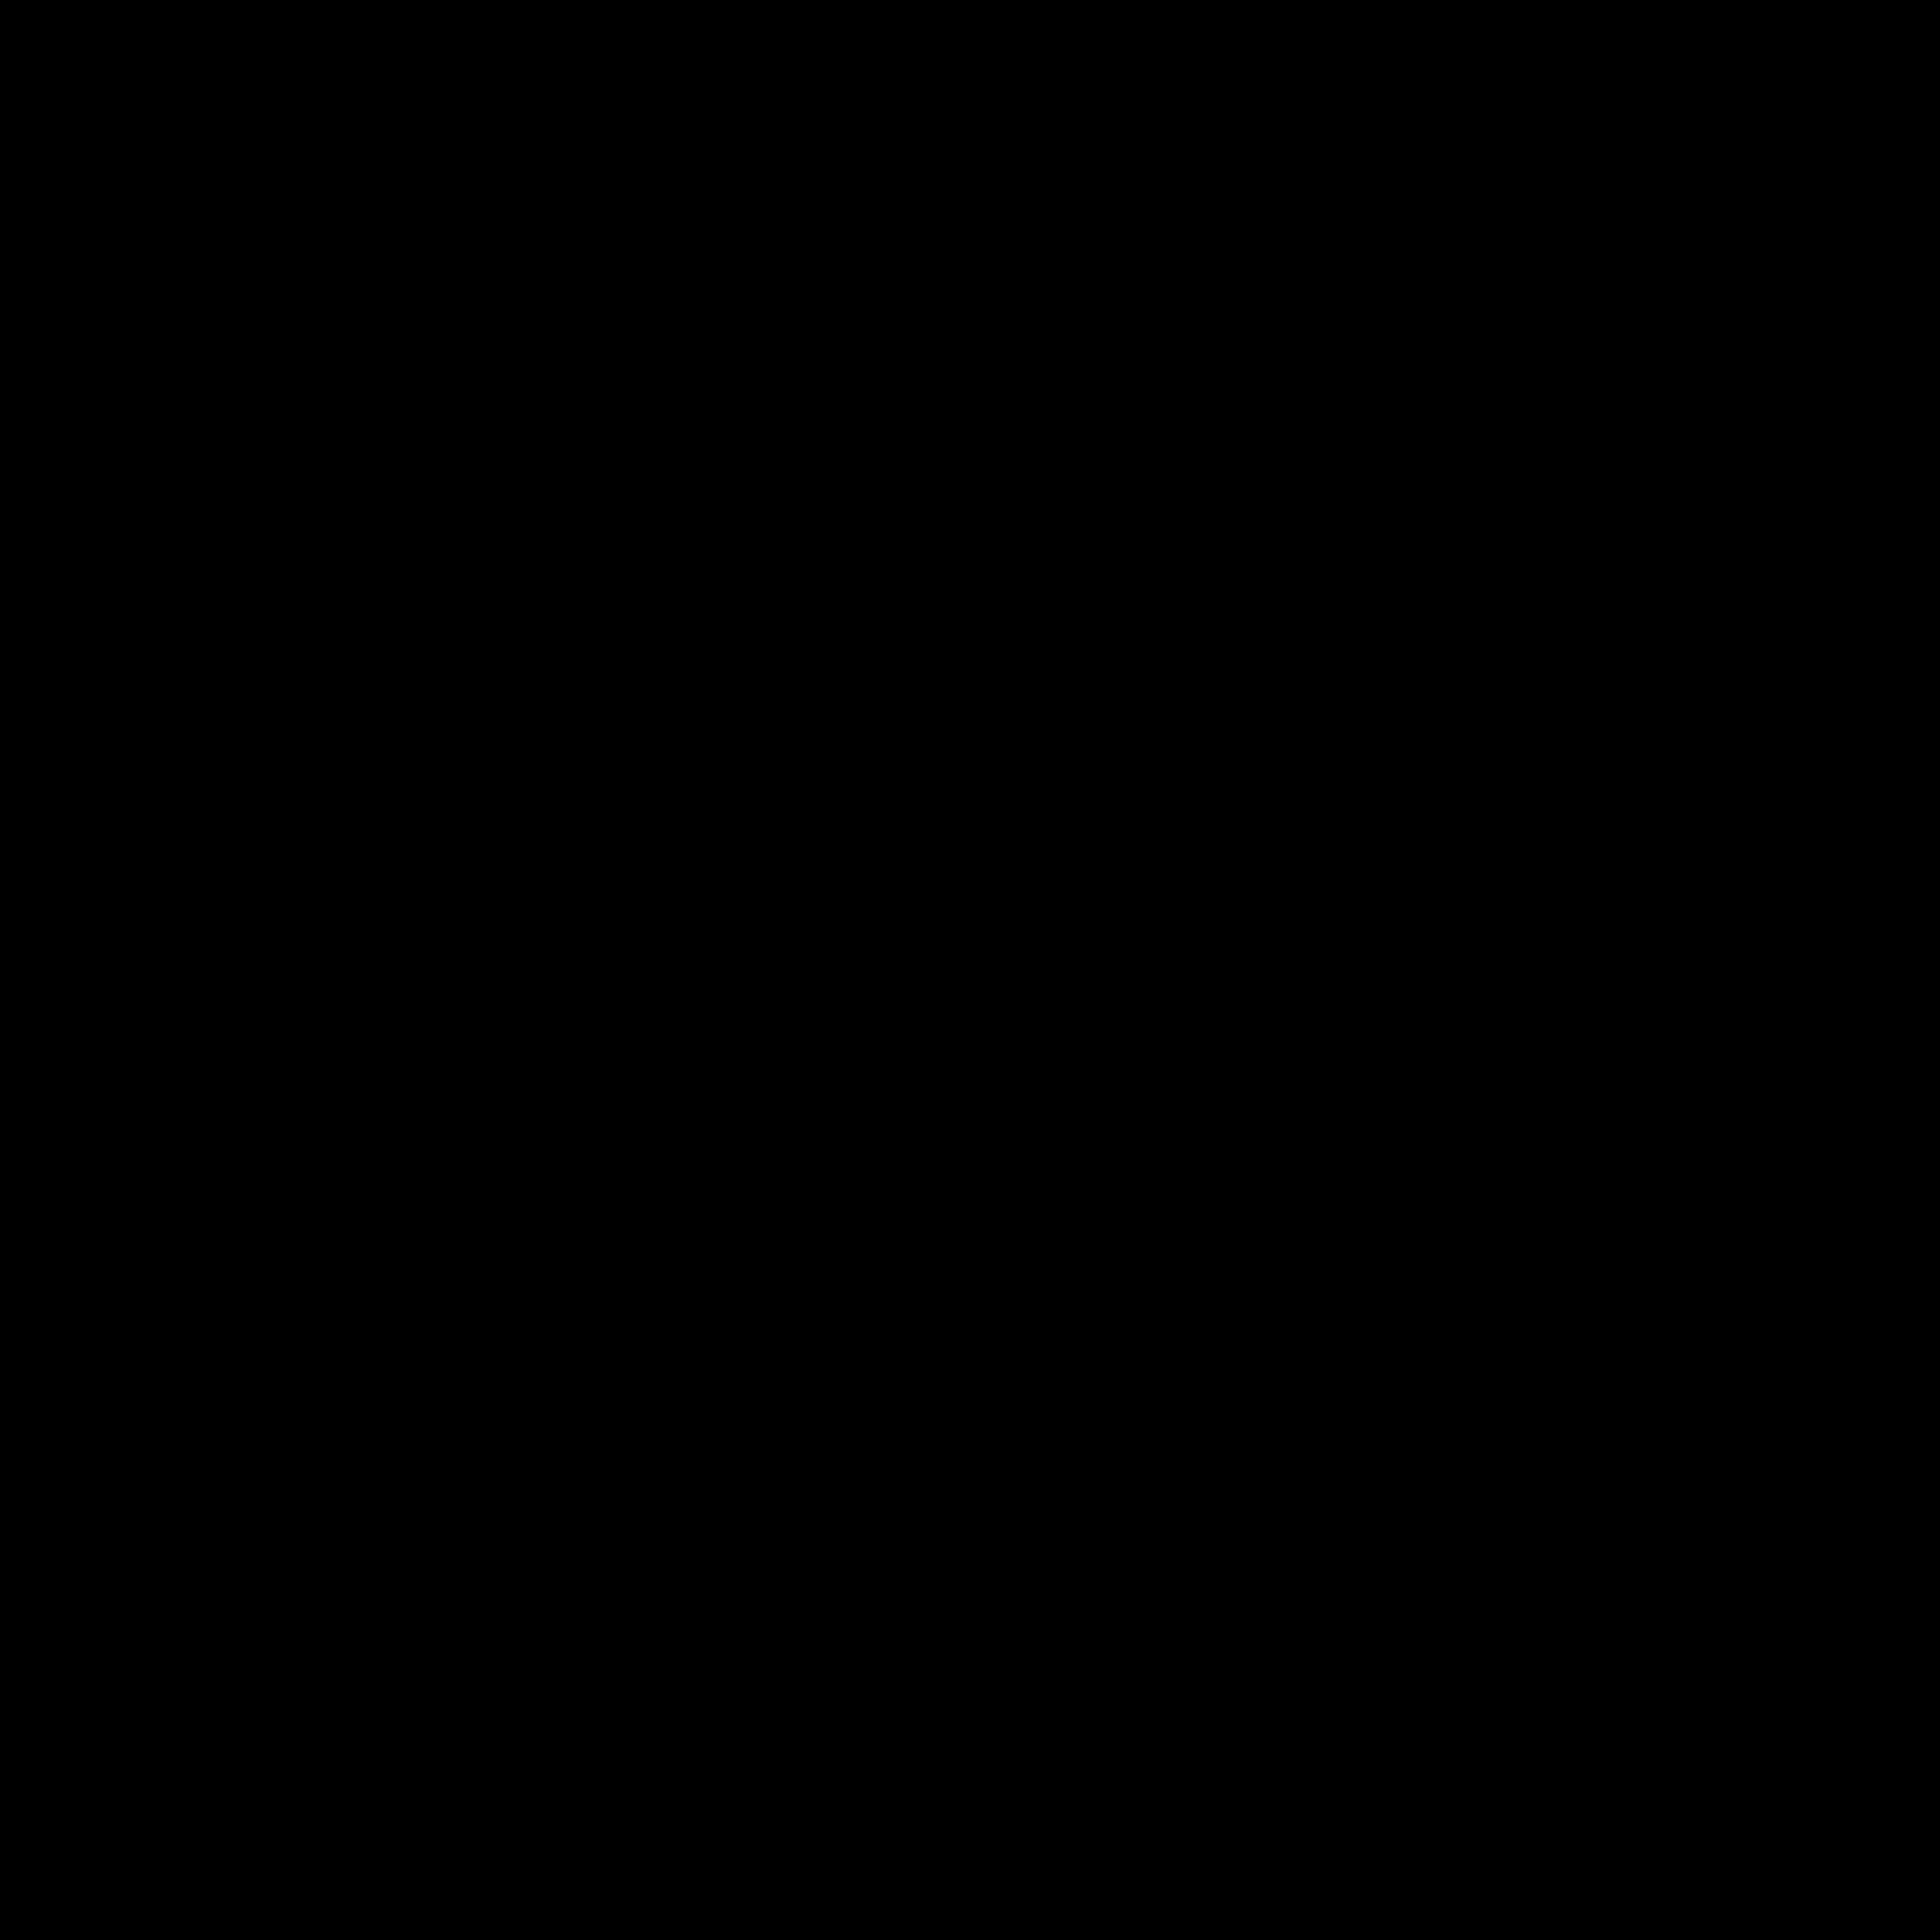 lexus logo 0 - Lexus Logo